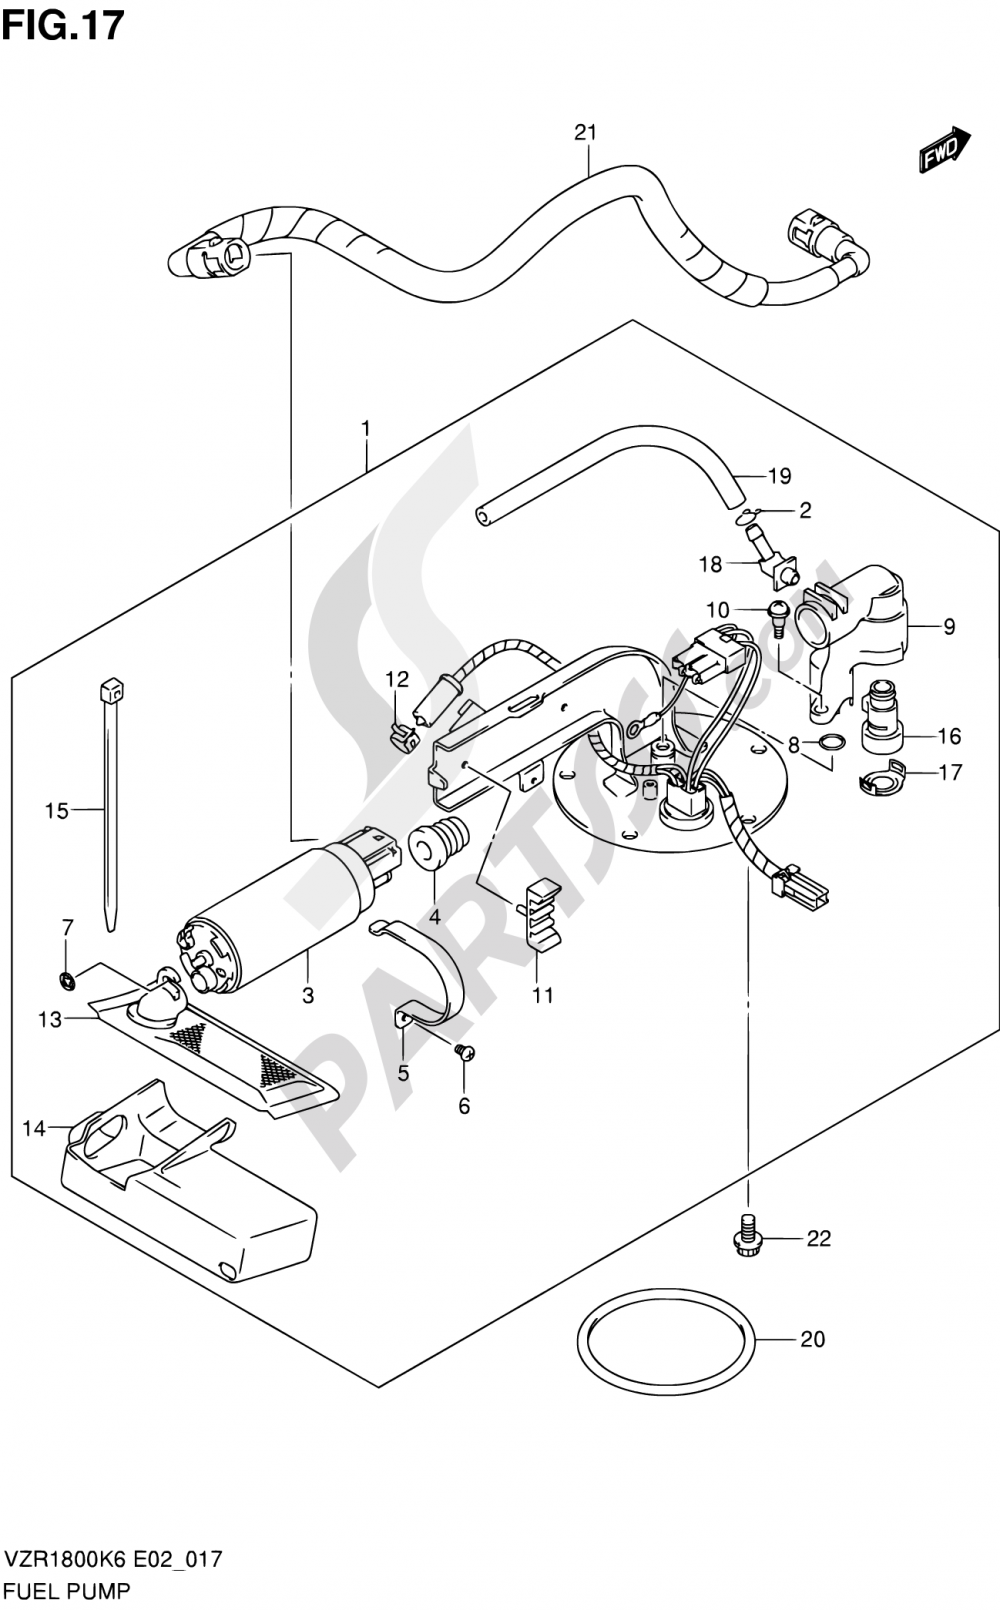 17 - FUEL PUMP Suzuki VZR1800 2009